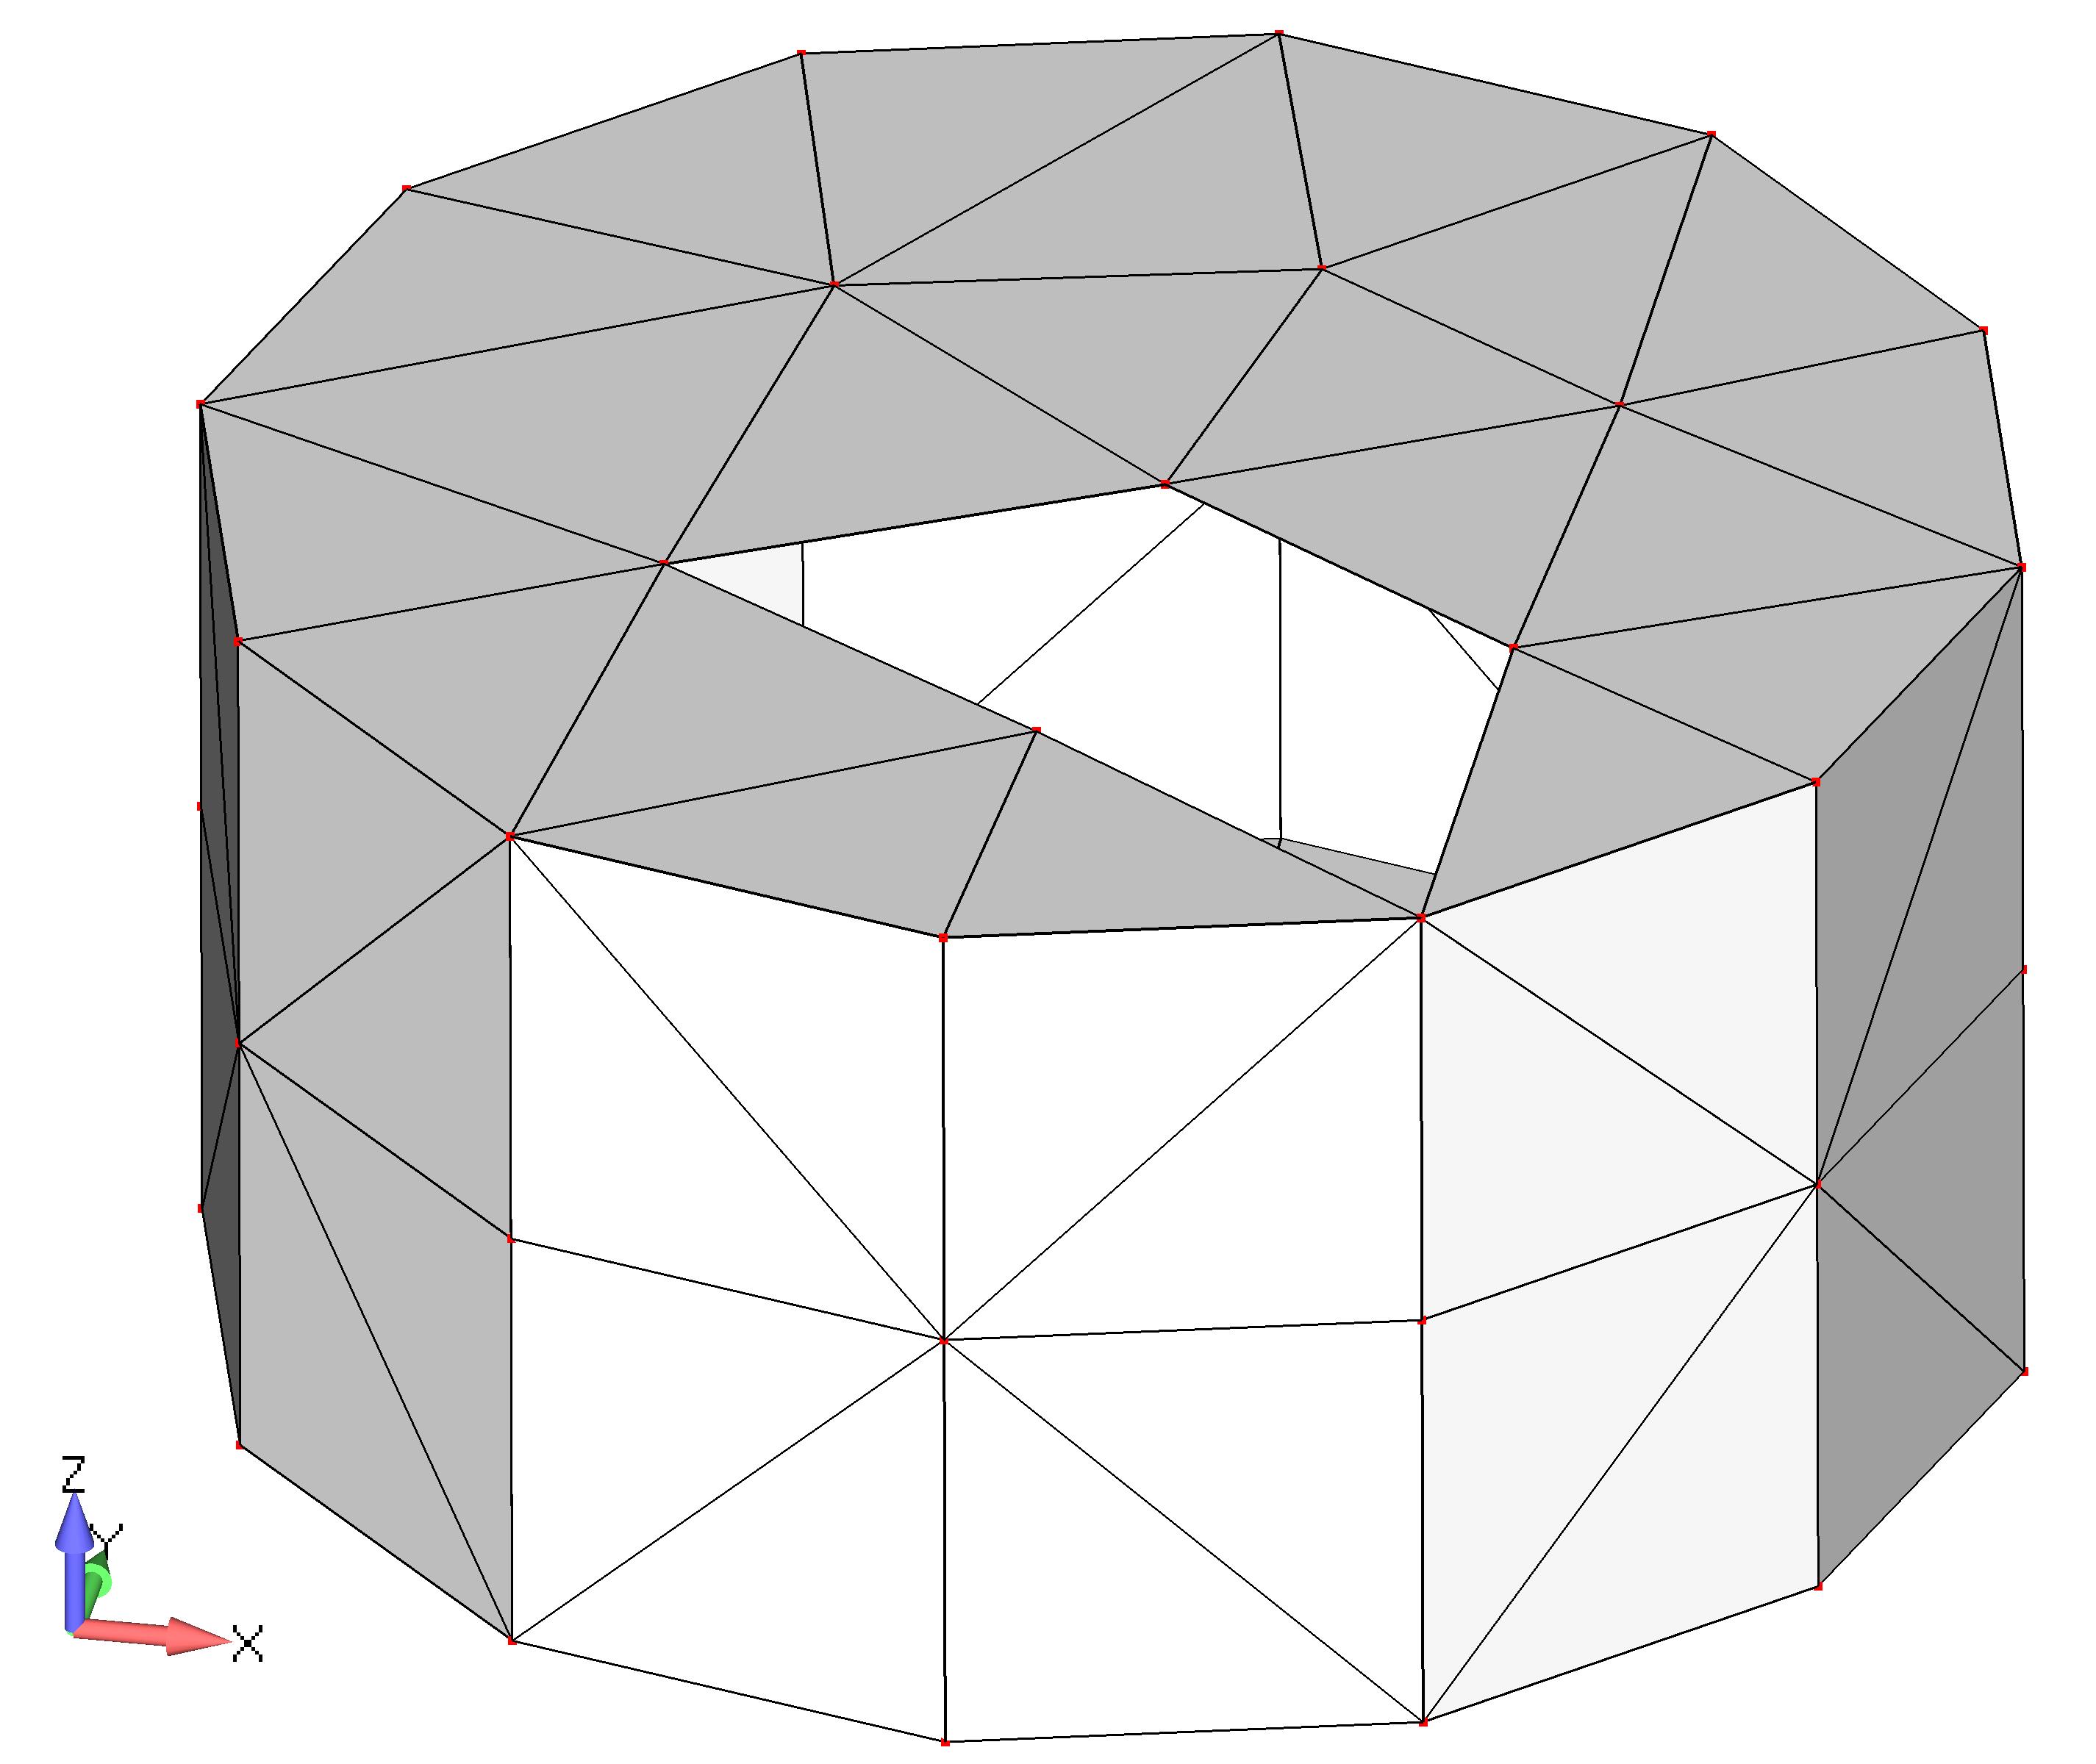 Femap NX Nastran Визуализация свободных ребер (Free Edge) элементов, для поиска дефектов в сетке